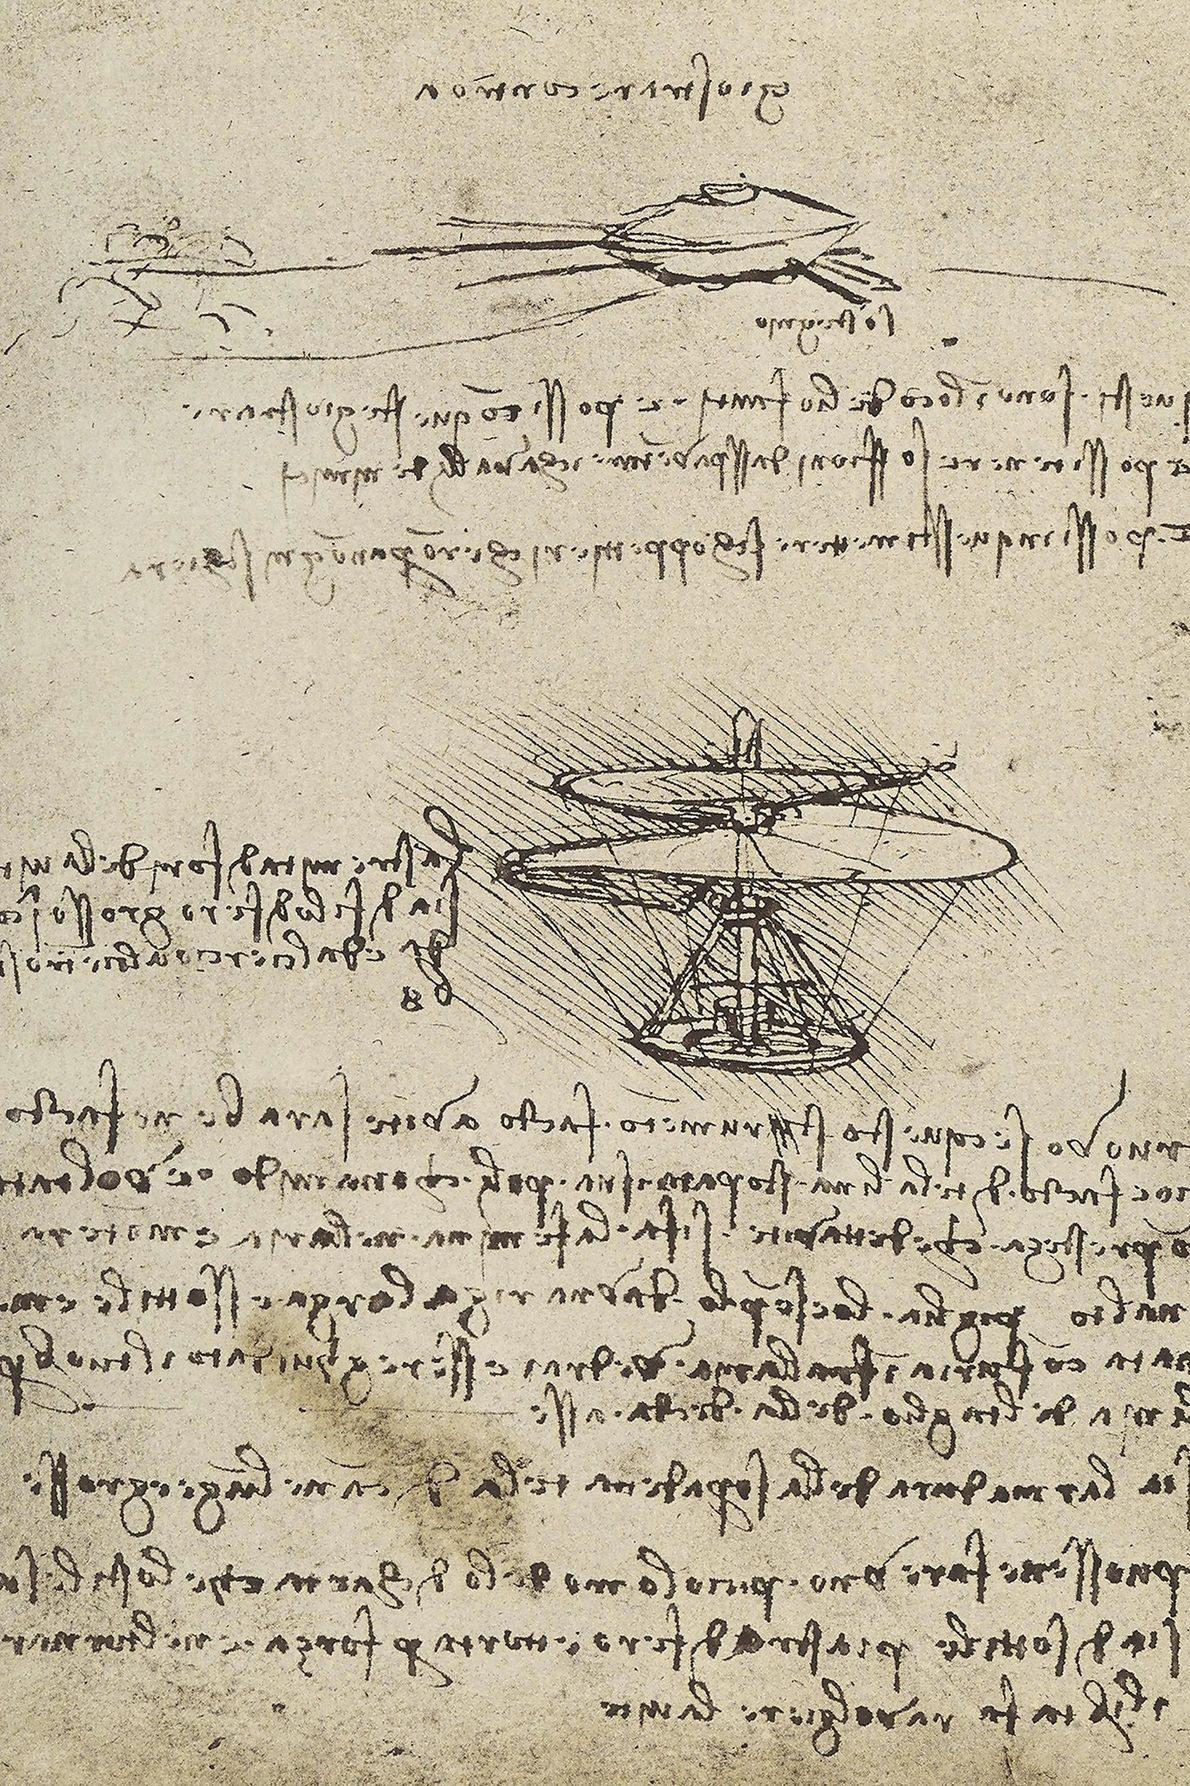 La vis aérienne dessinée par la plume emblématique de Léonard, faite de fil métallique, de canne ...